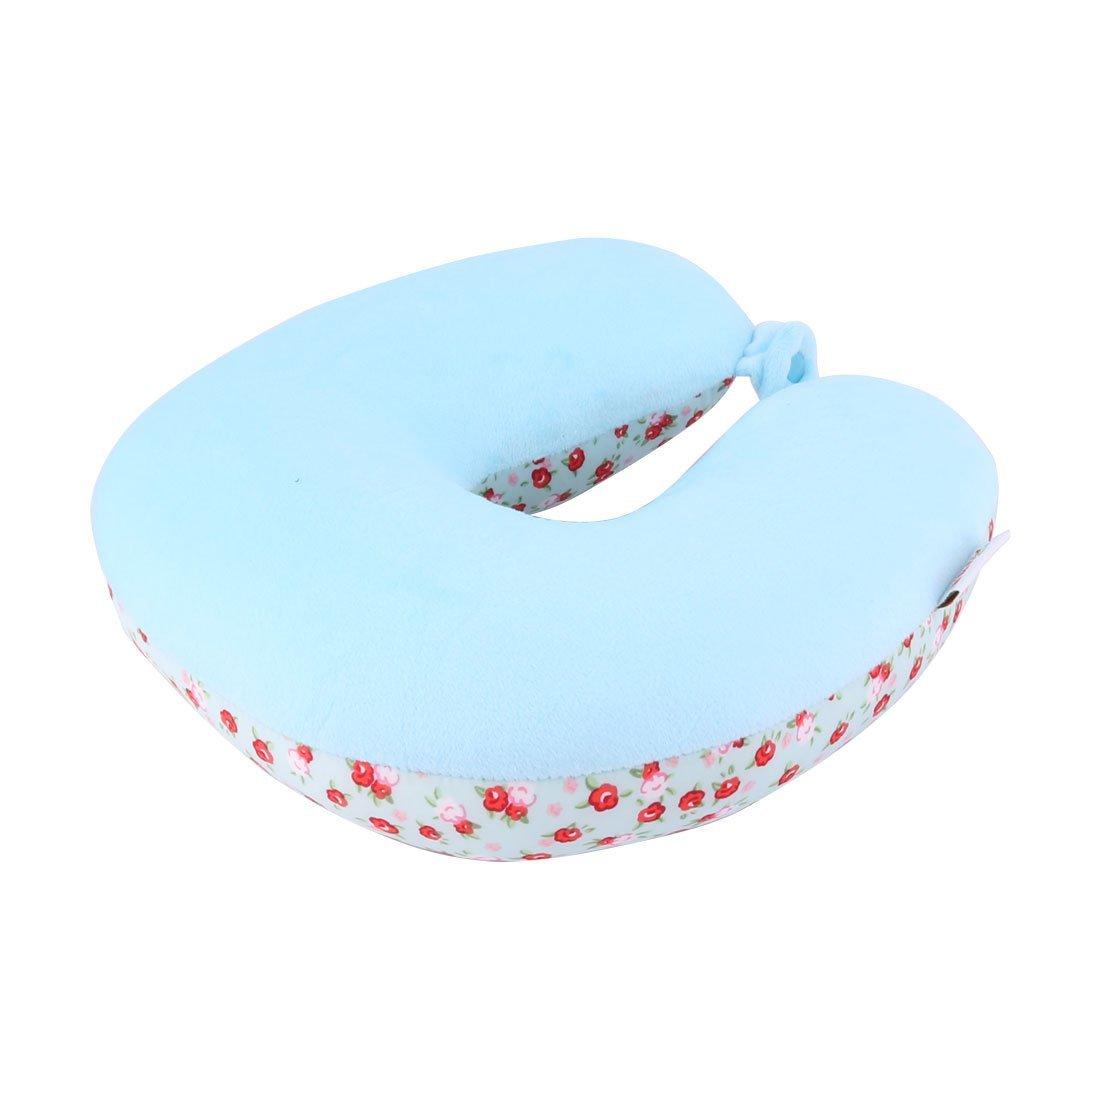 Amazon.com: eDealMax del patrón de Flor rellena de espuma en Forma de U Soporte Suave del Cuello de la cabeza Cojín Avión Tren de coches Almohada de viaje ...